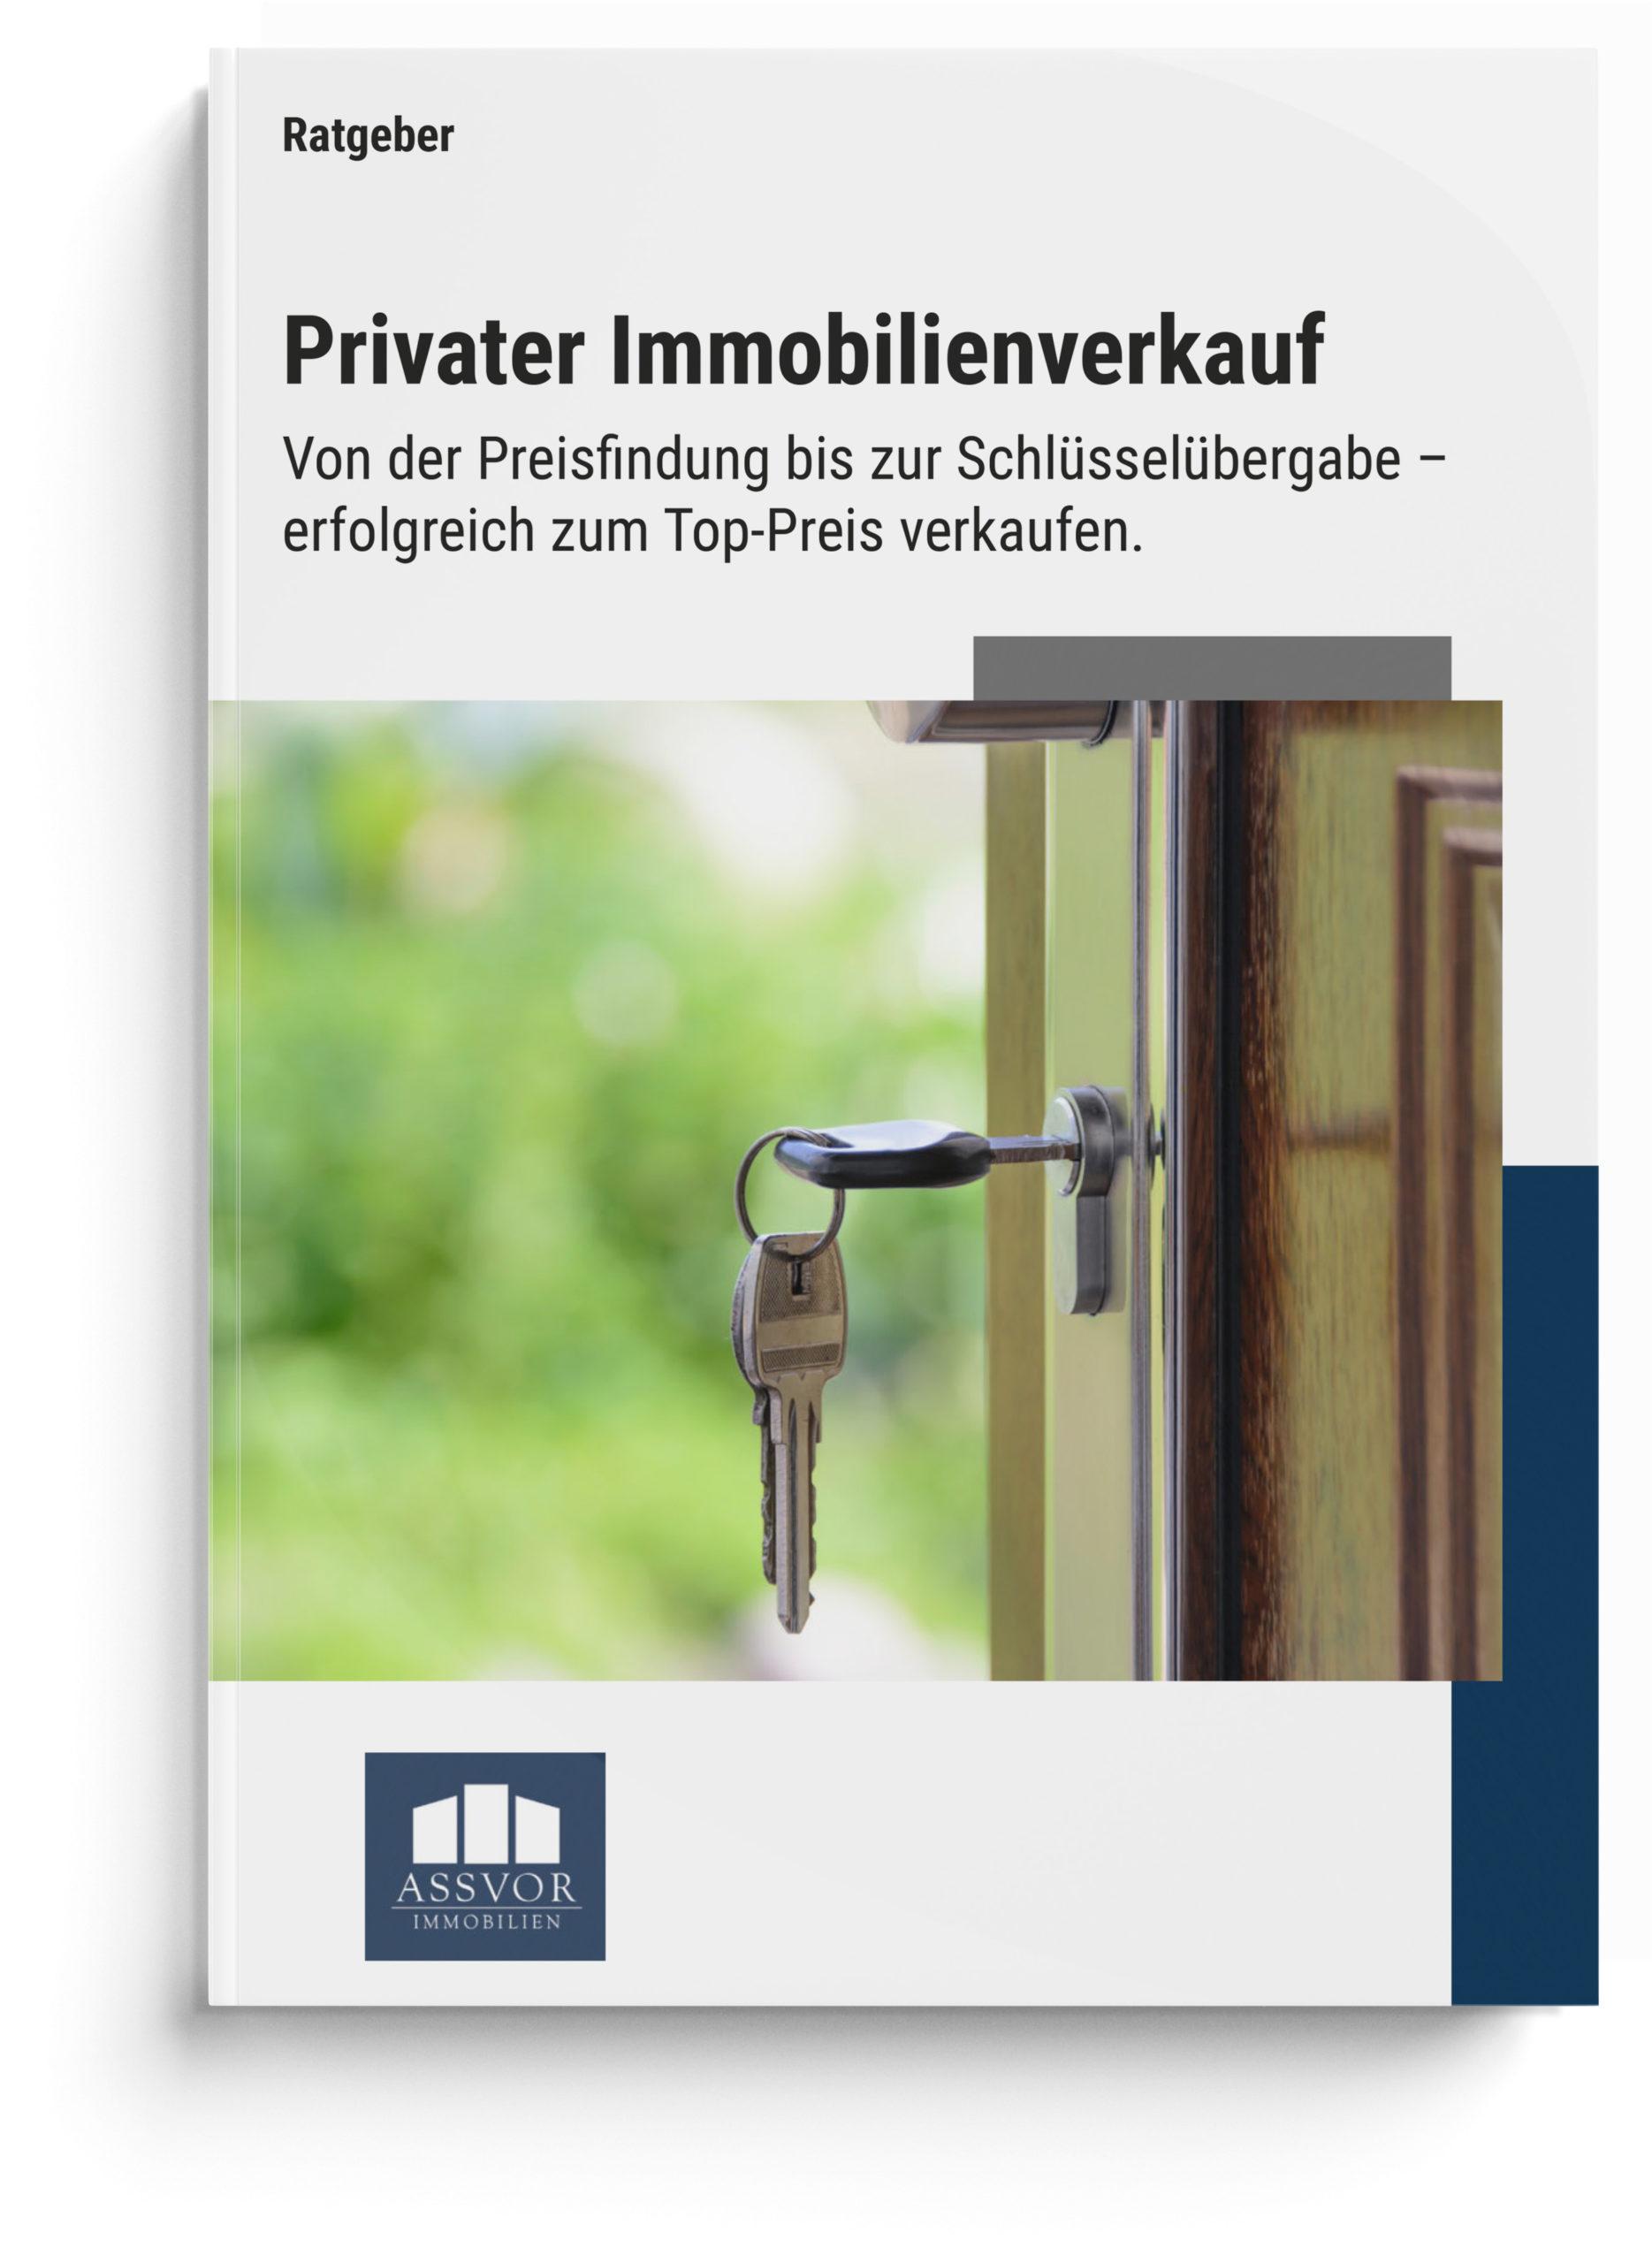 Privater Immobilienverkauf eigenes Haus Verkauf Eigentumswohnung Gutachten Unterlagen Fotos Exposé Kaufpreis Verhandlung - Mockup - Bild